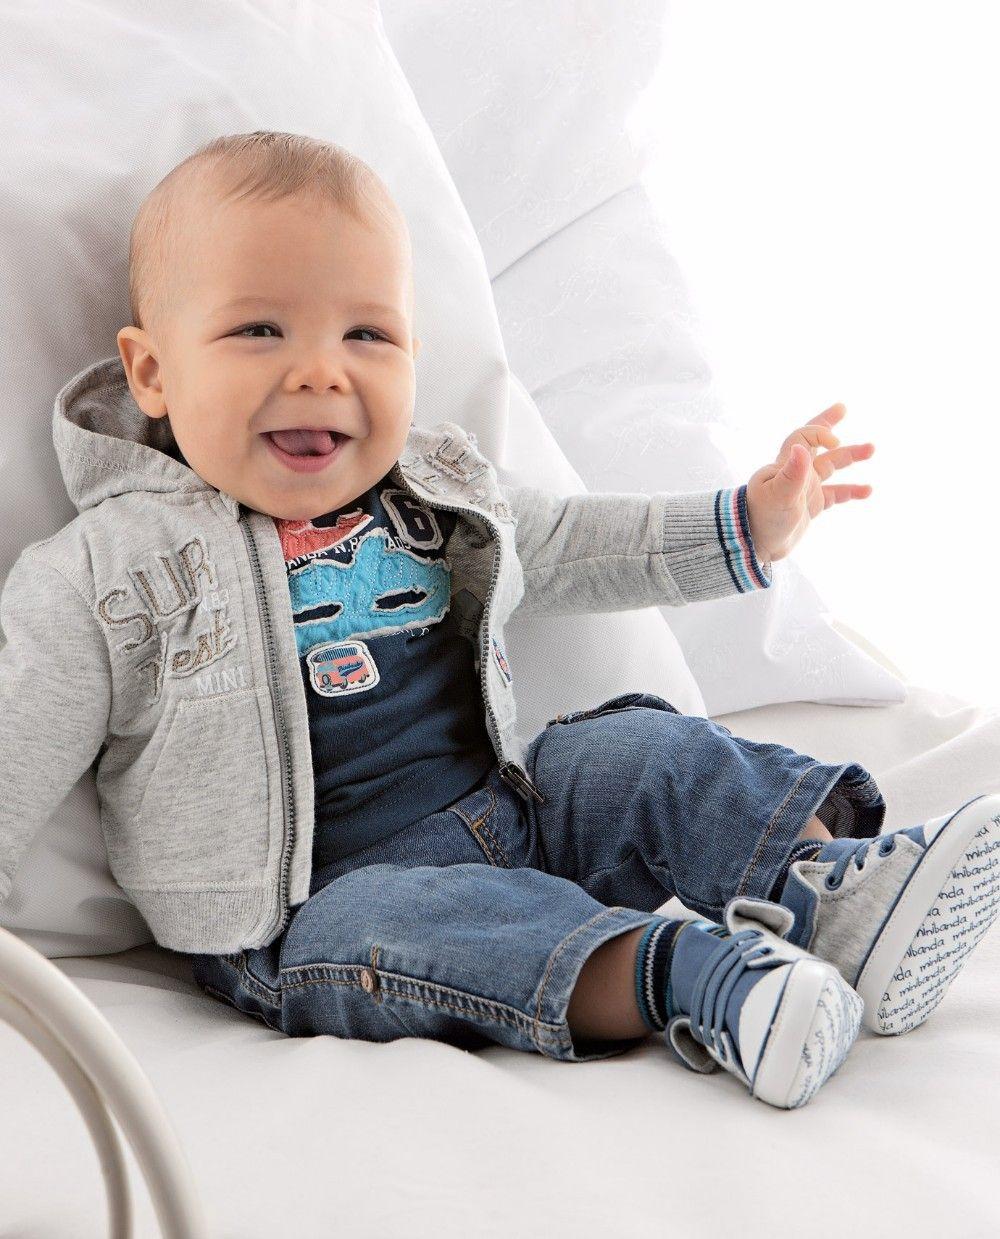 e8f9c0b79f36 fotos de ropa para bebes varones - Buscar con Google | moda para ...